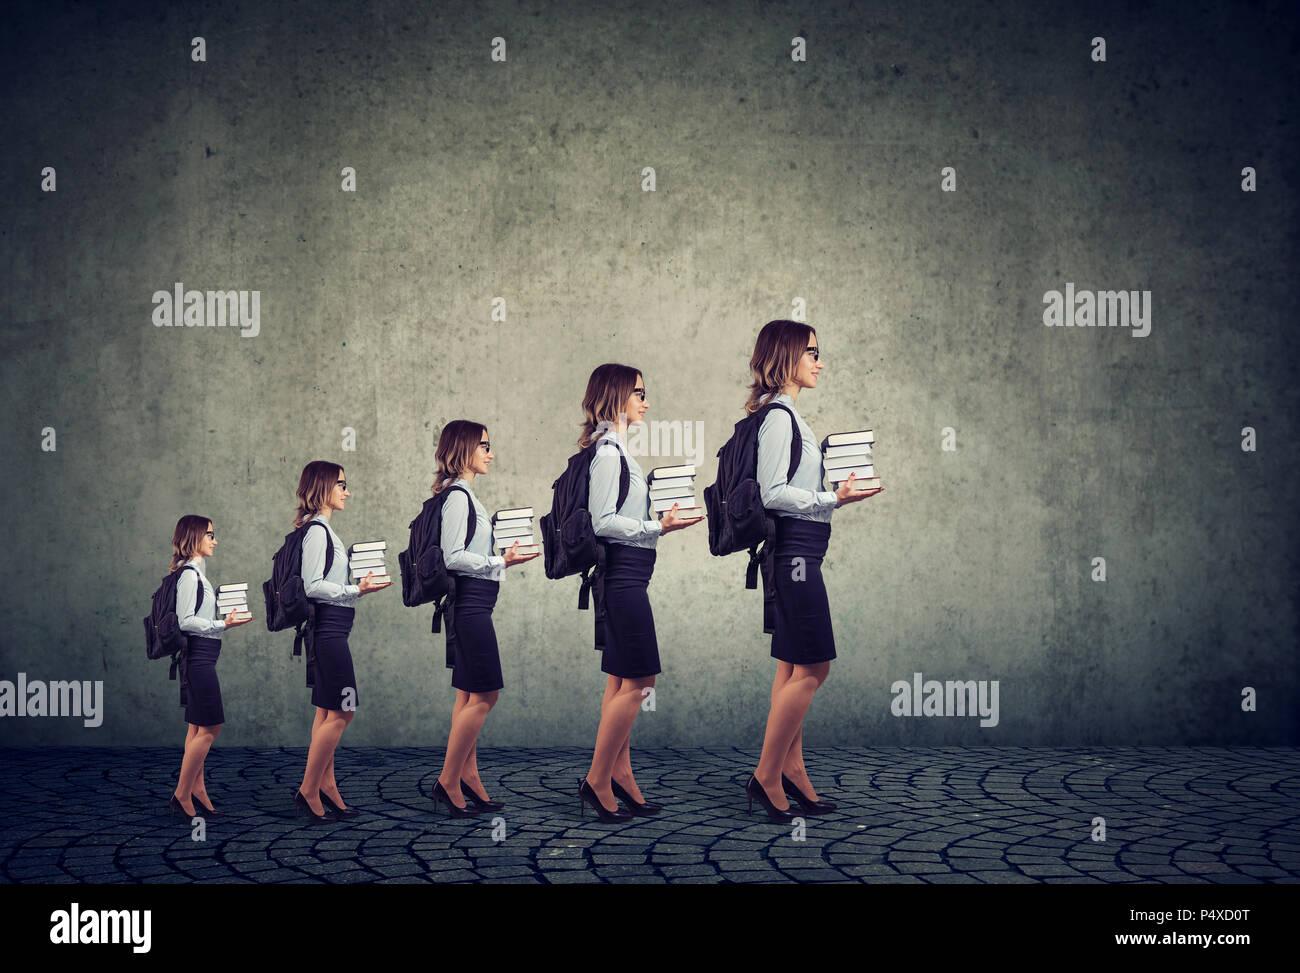 Erfolgreiche gebildete Frau. Fortschritte in der Karriere und berufliche Bildung Wachstum Konzept Stockbild